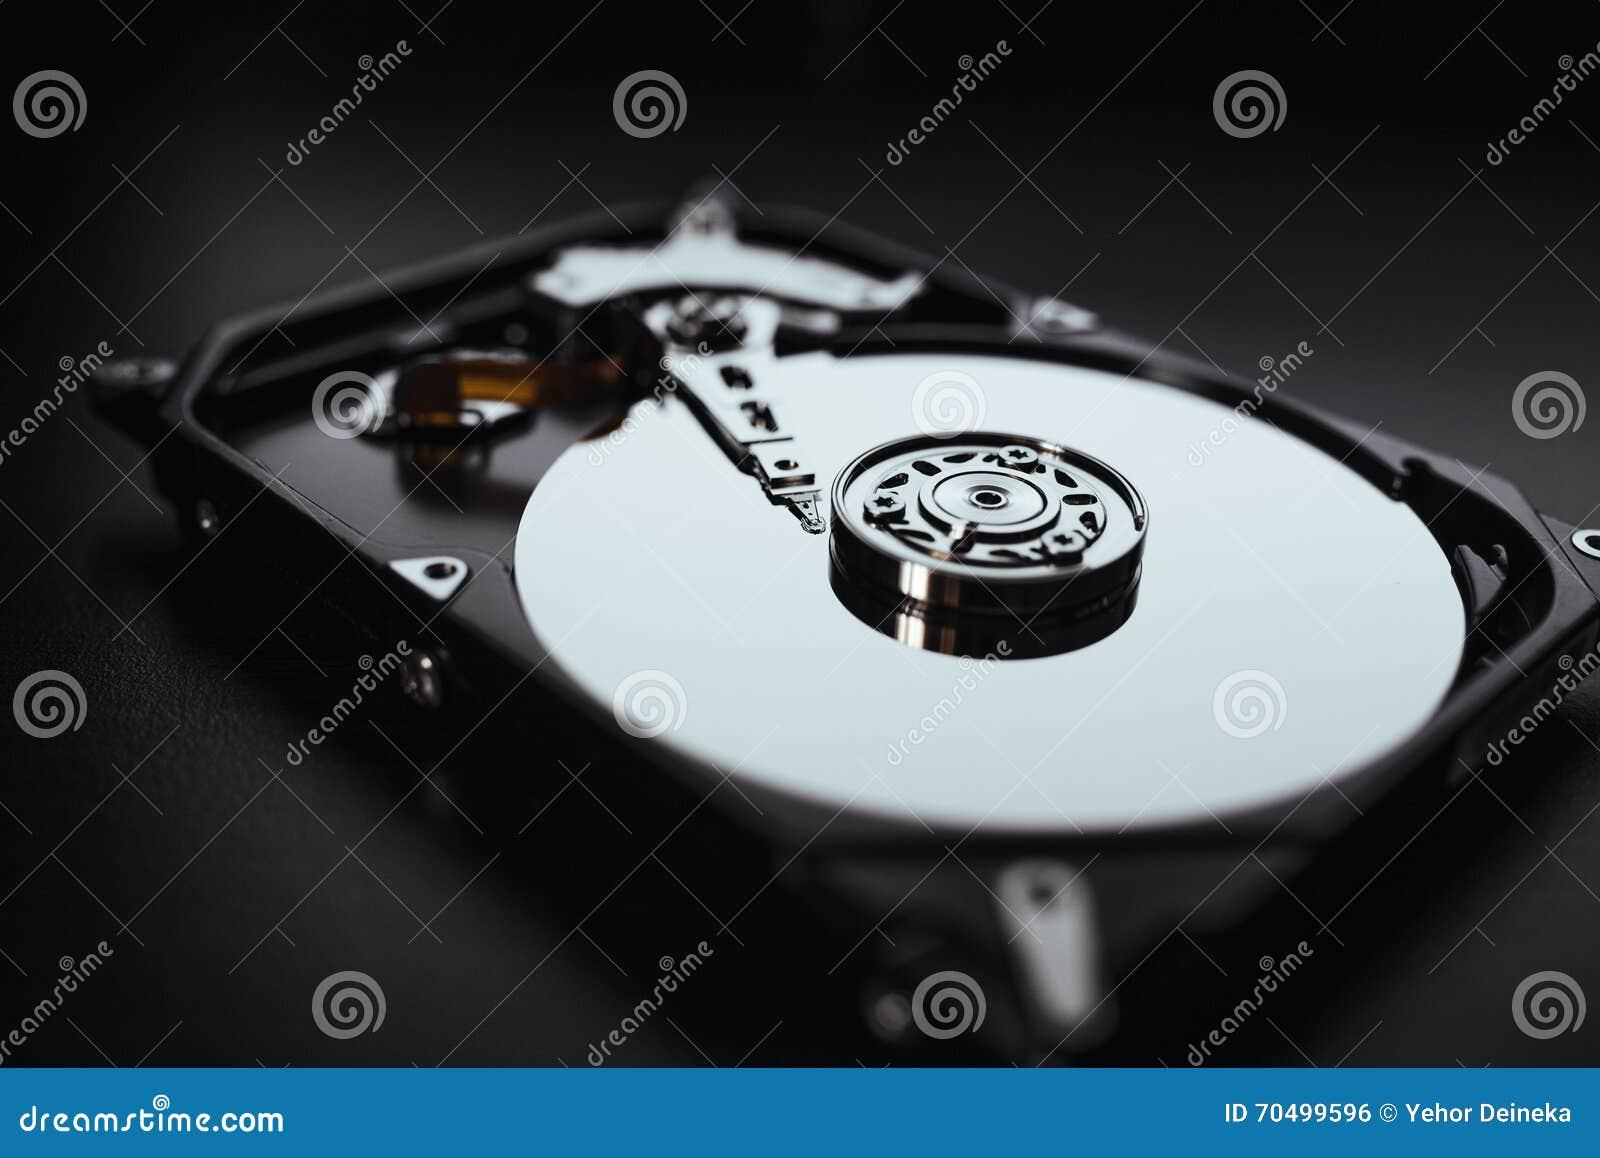 Auseinandergebautes Festplattenlaufwerk vom Computer (hdd) mit Spiegeleffekten Teil des Computers (PC, Laptop)